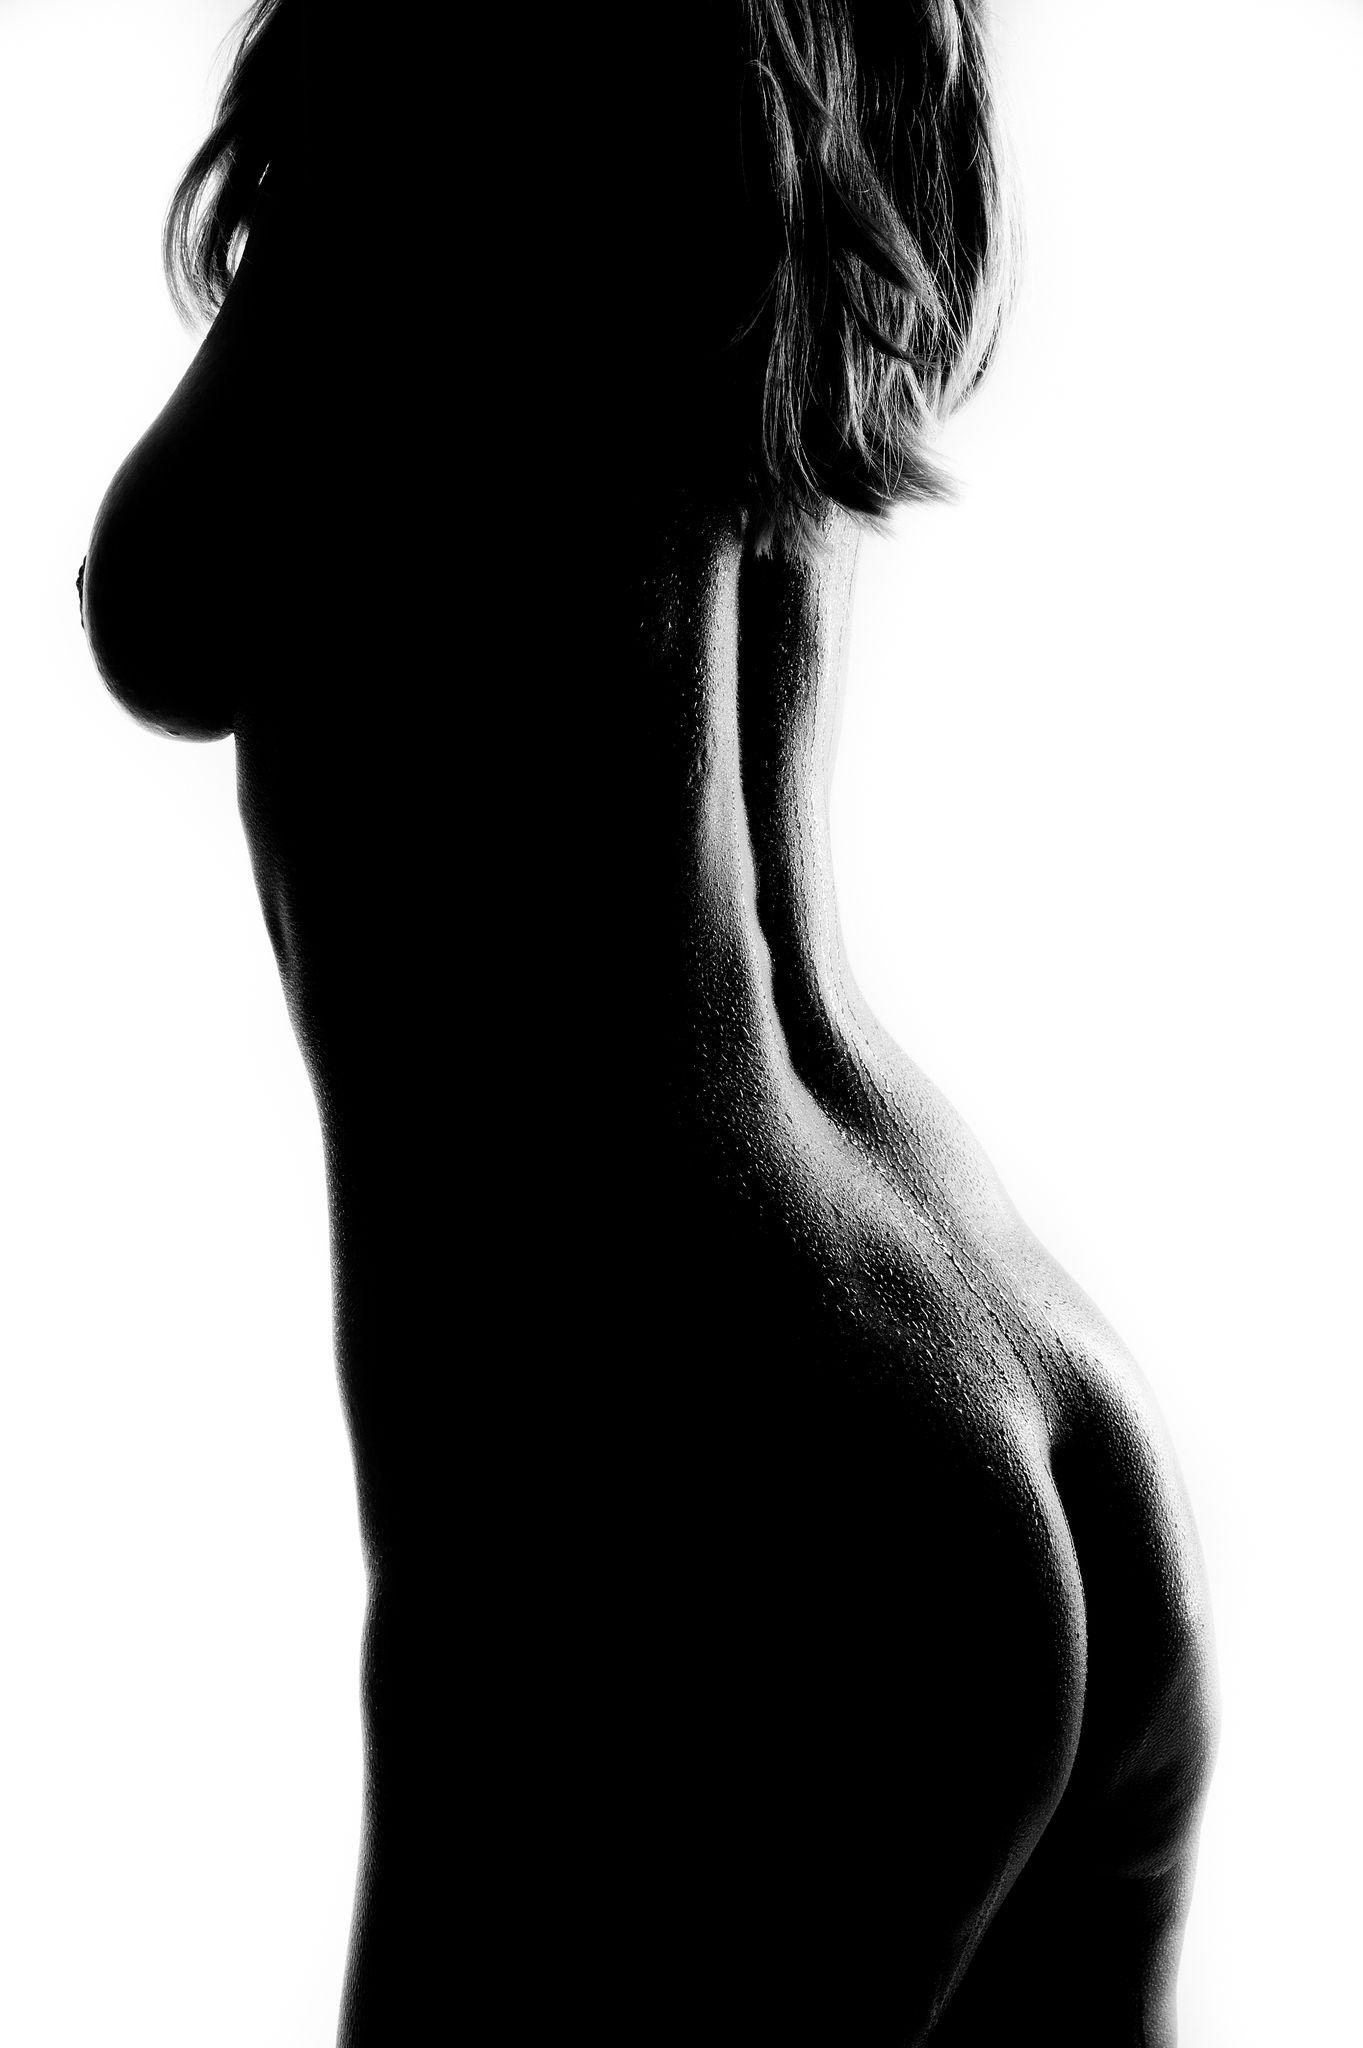 sinnlichefotografie, erotikfotografie, dessoufotografie, erotik, dessou, romantisch, stimmungsvollefotografie, verliebt, @arleneknipperberg, portraitfotografie, produktfotografie, bewerbungsfotos, portraitphotography, businessfotografie, fotostudio, shooting, portrait, fotografin, fotograf, fotografie, foto, fotografenmeisterin, ausgezeichnetefotografie, jena, thueringen